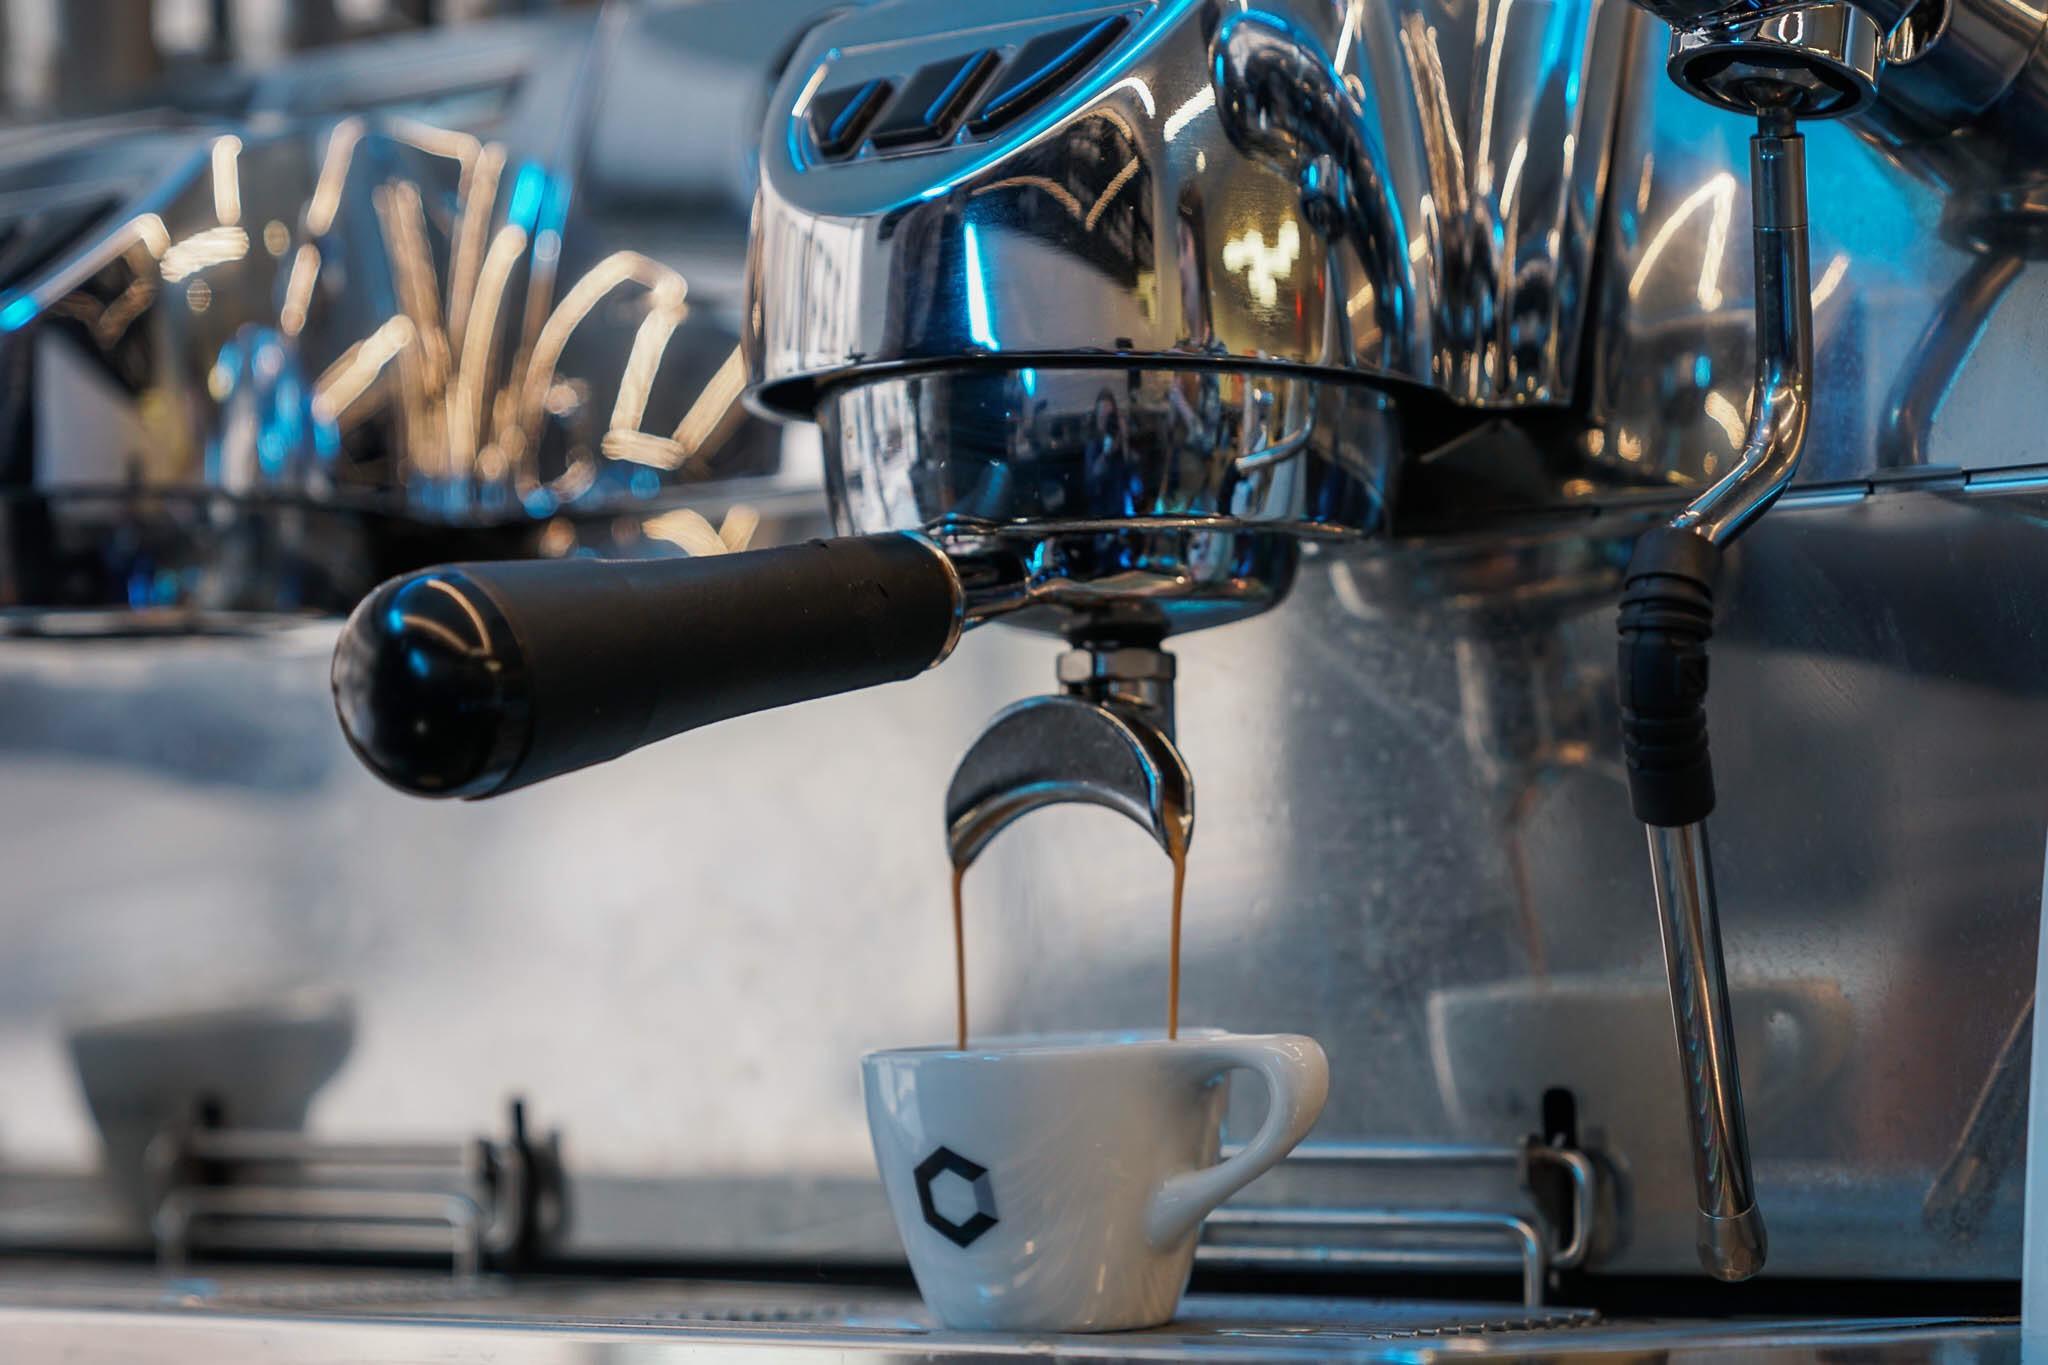 Lemma Ethiopia Guji Espresso.jpg